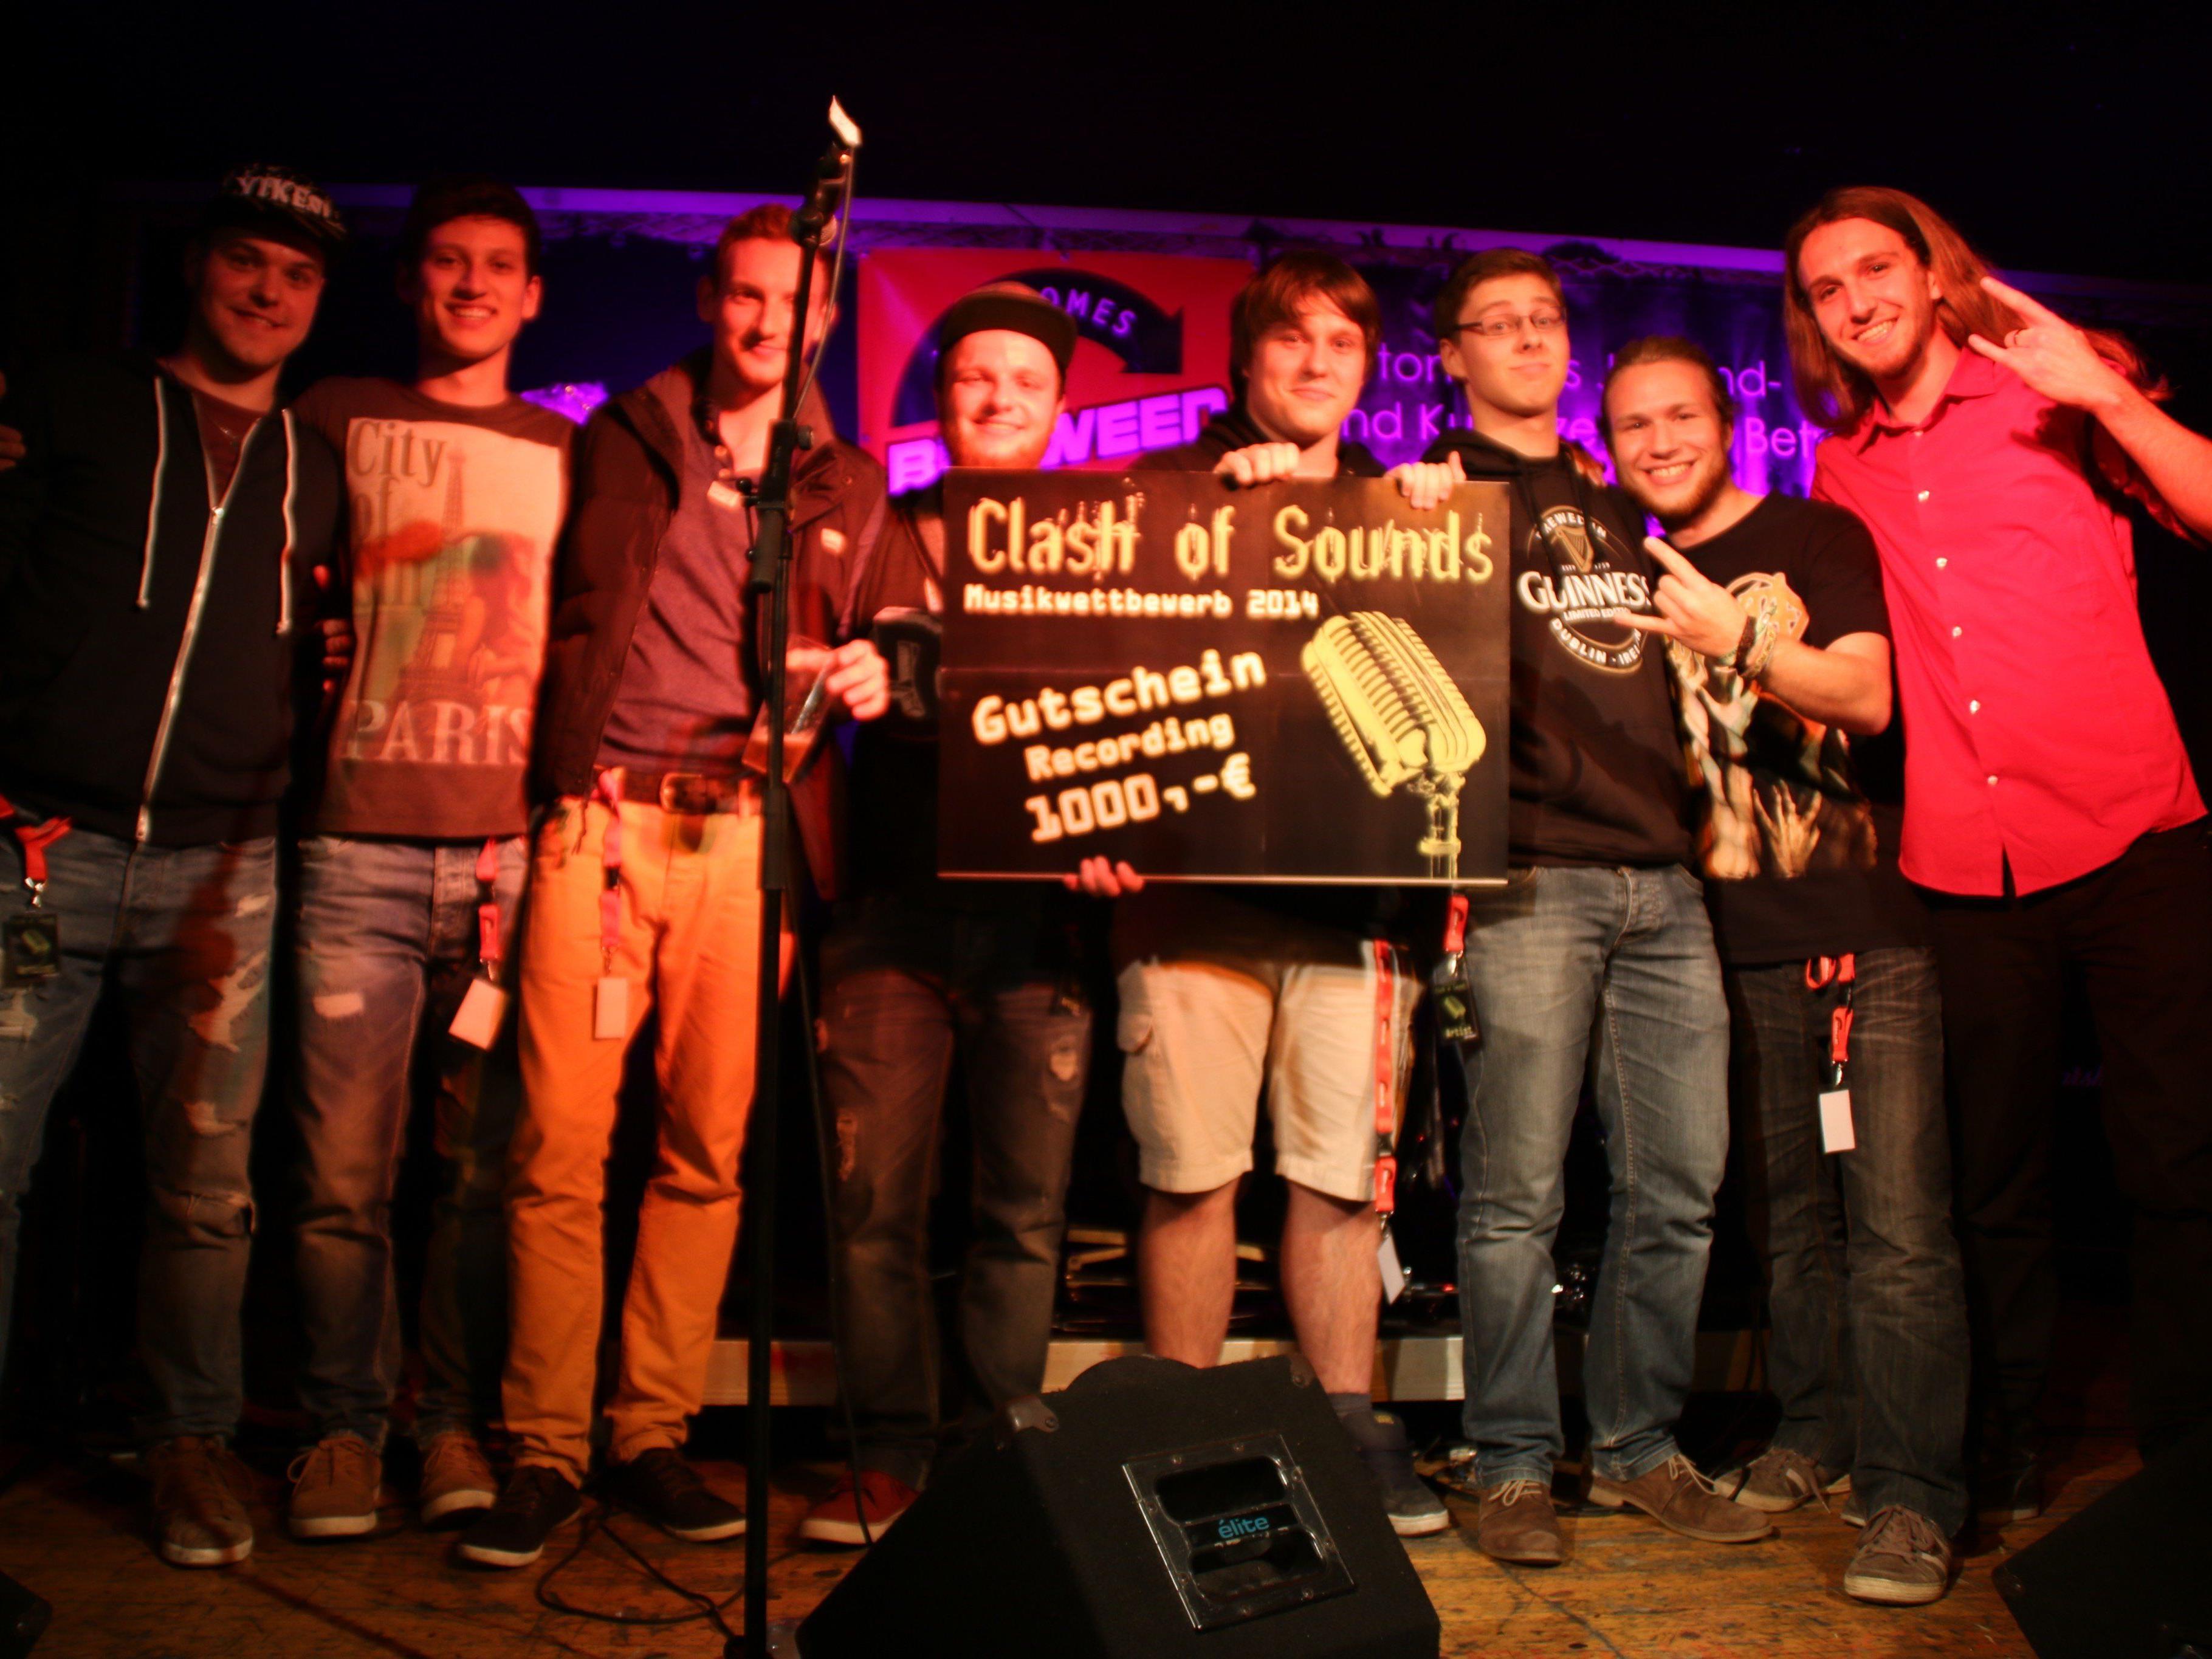 Dustskill aus Tettnang (D) und Snowflake aus Liechtenstein teilten sich den ersten Platz beim internationalen Musikwettbewerb 2014